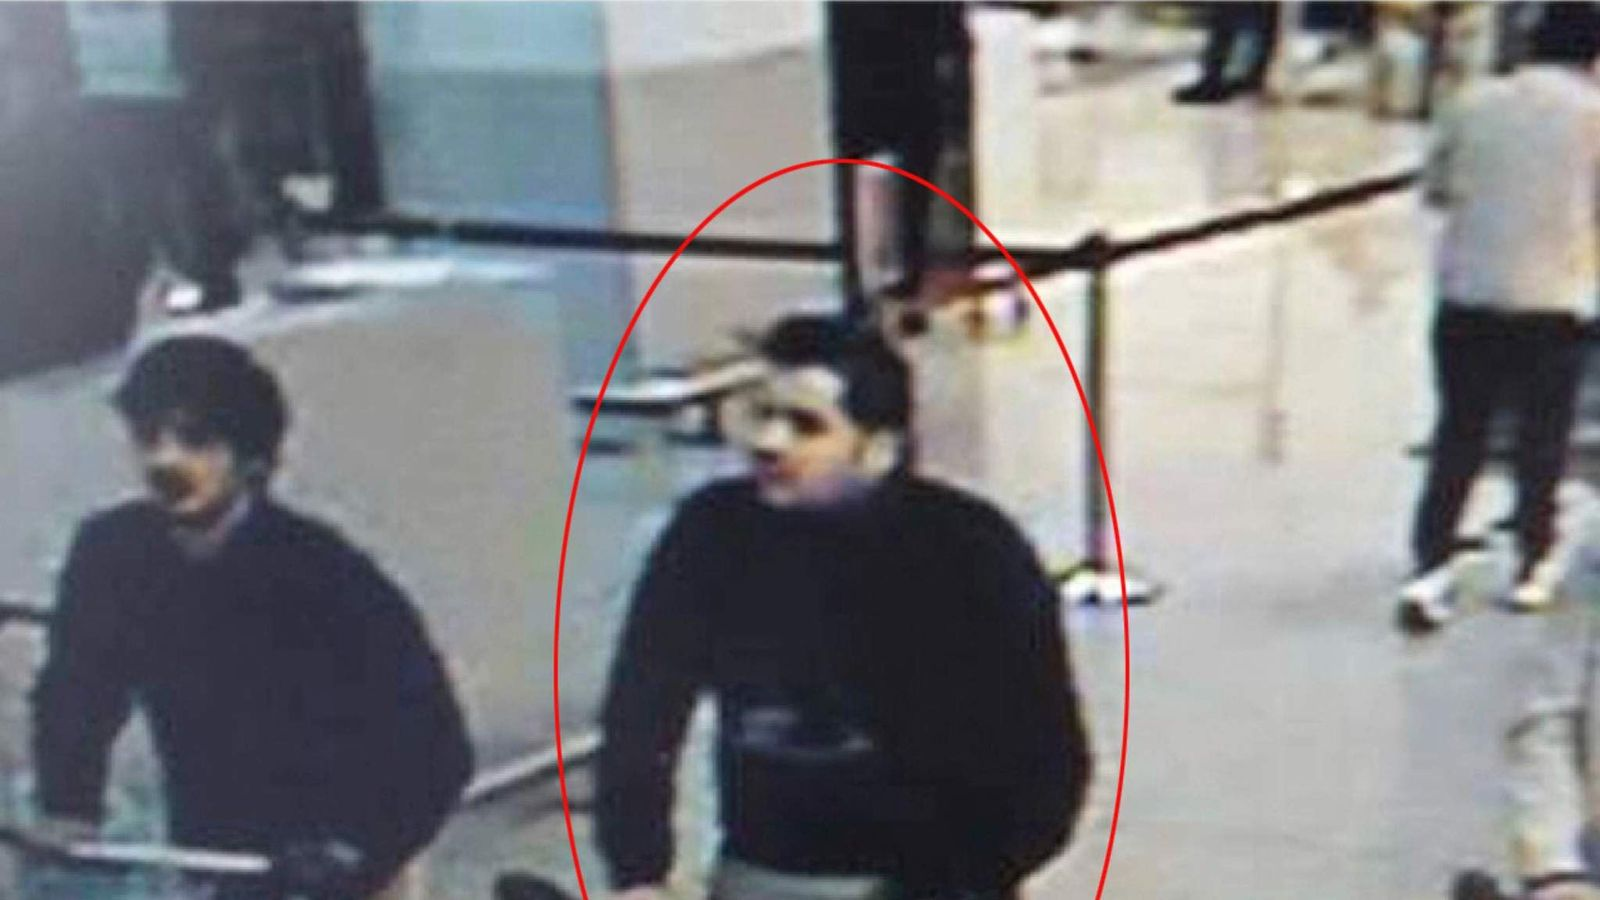 Najim Laachraoui and Ibrahim El Bakraoui (circled)